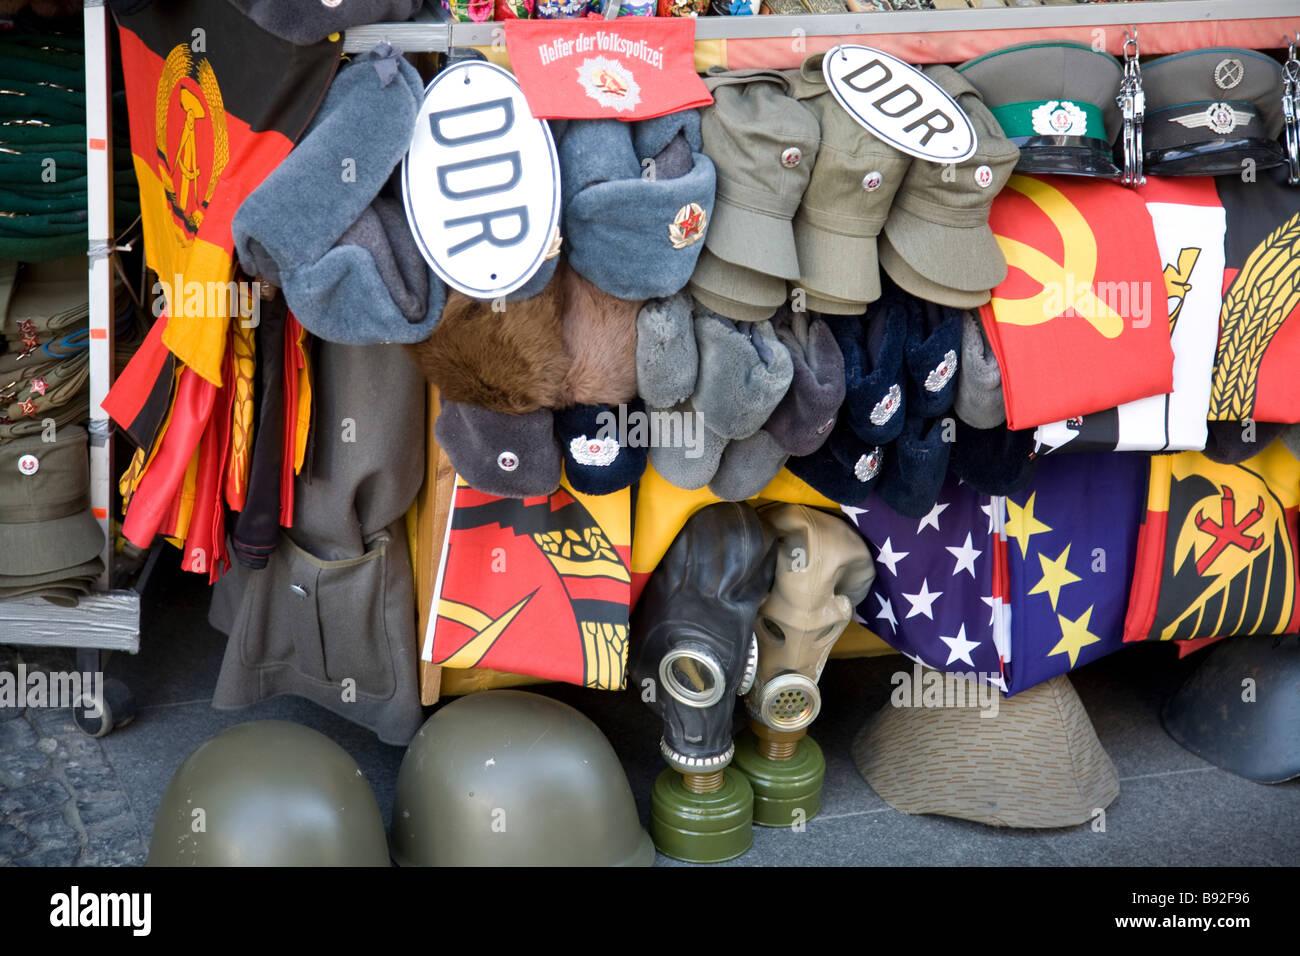 Guerra fredda memorabilia è popolare con i turisti a Berlino Germania Immagini Stock